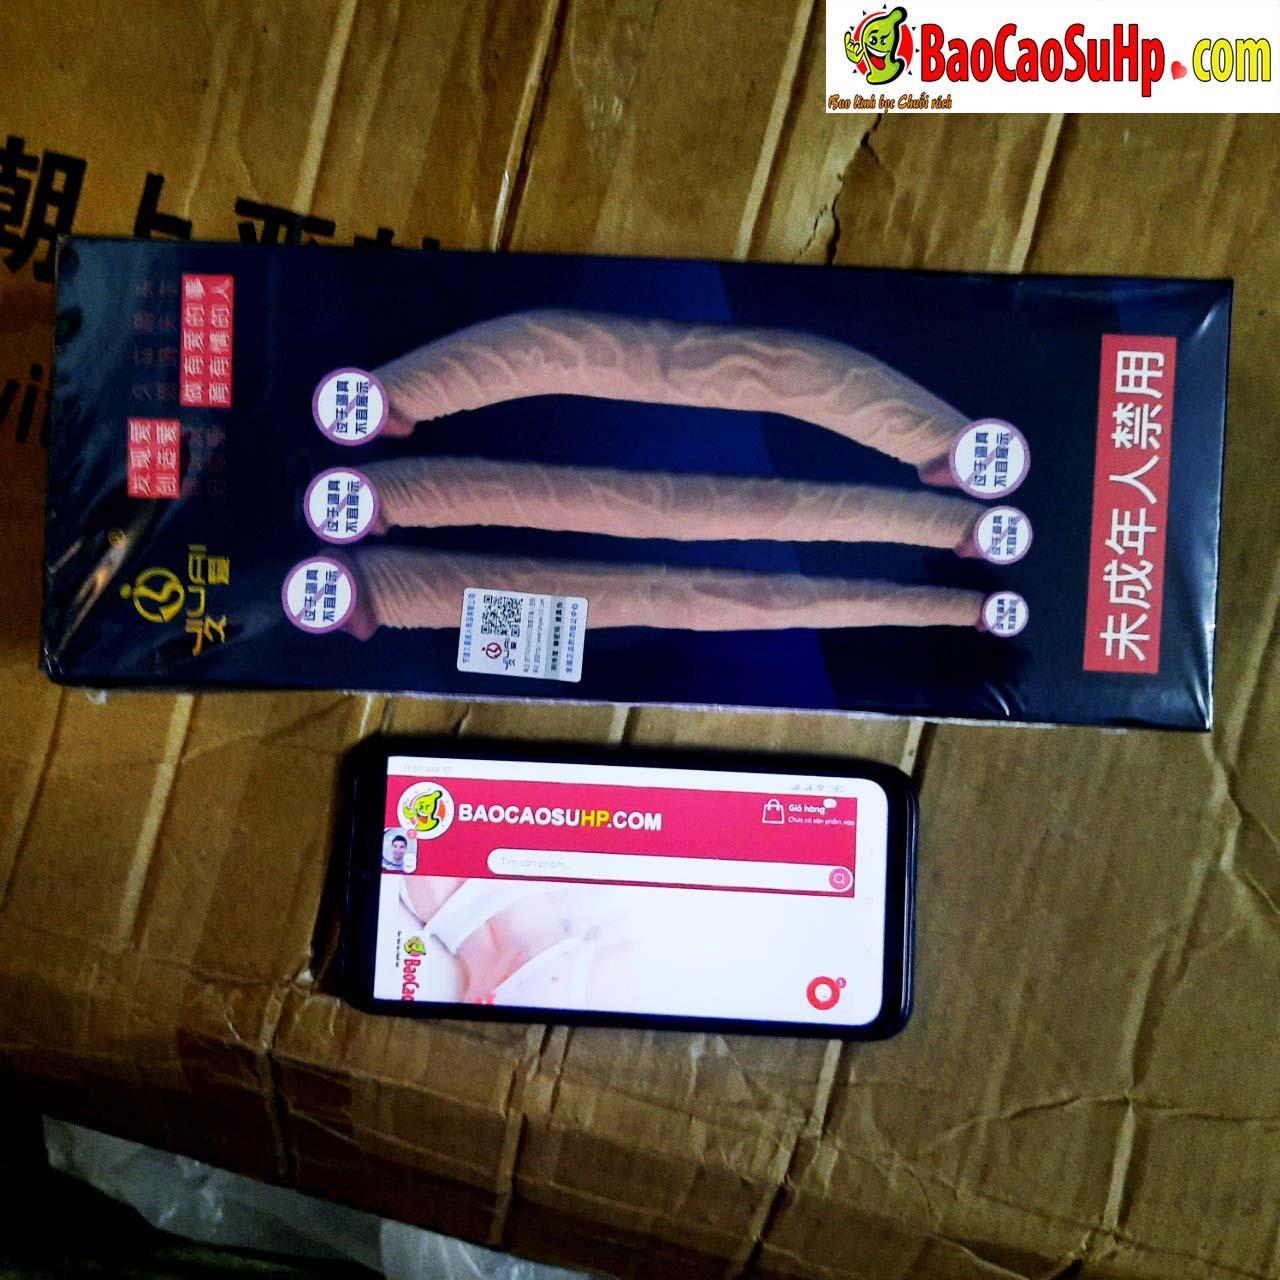 duong vat 2 dau King tuner - Các loại sextoy đồ chơi người lớn Mông nguyên khối hàng về shop 01.09.2020